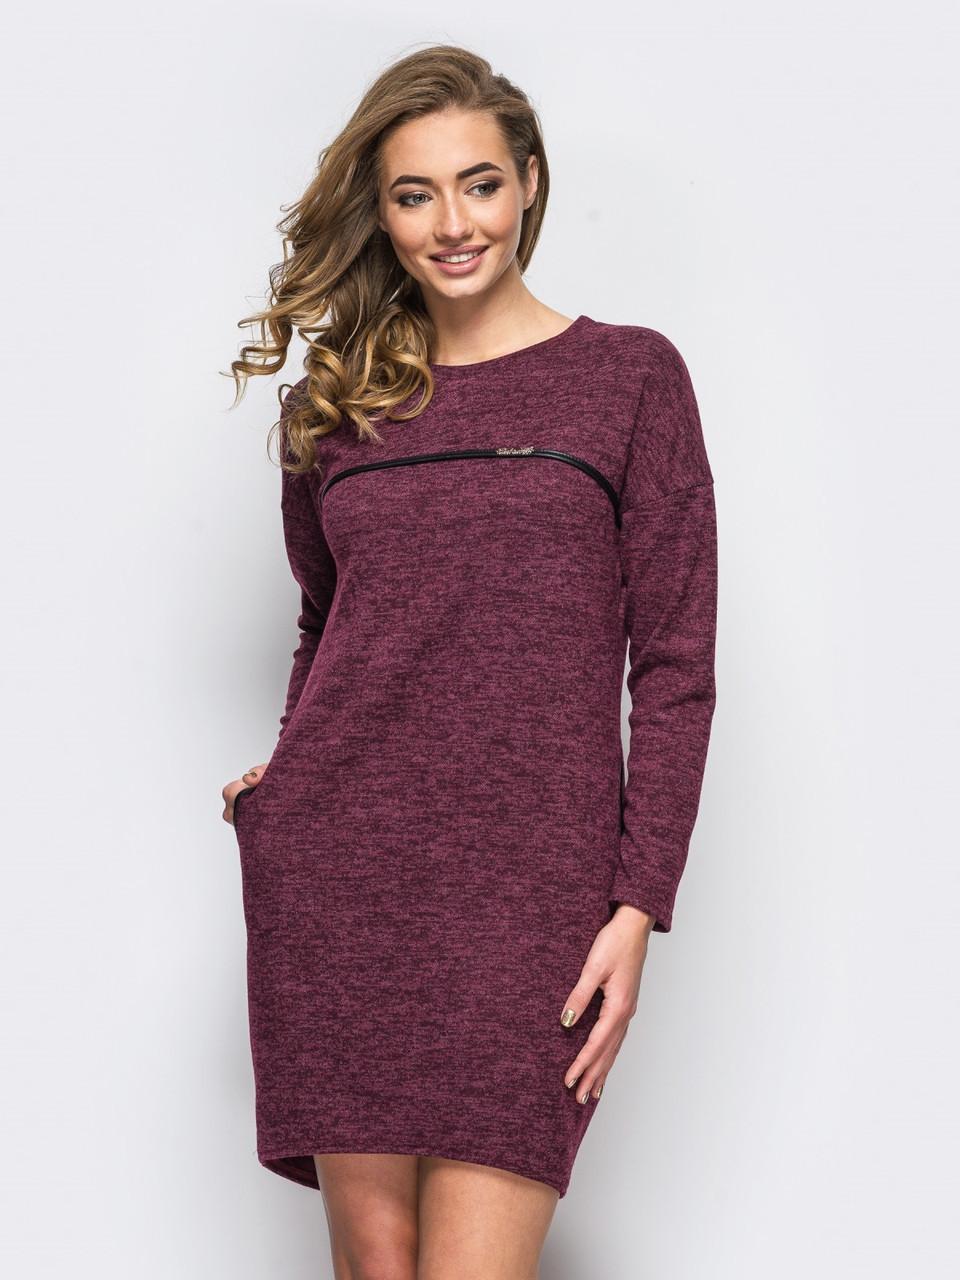 f2869ad0332 👶Трикотажное бордовое платье с карманами (свободное